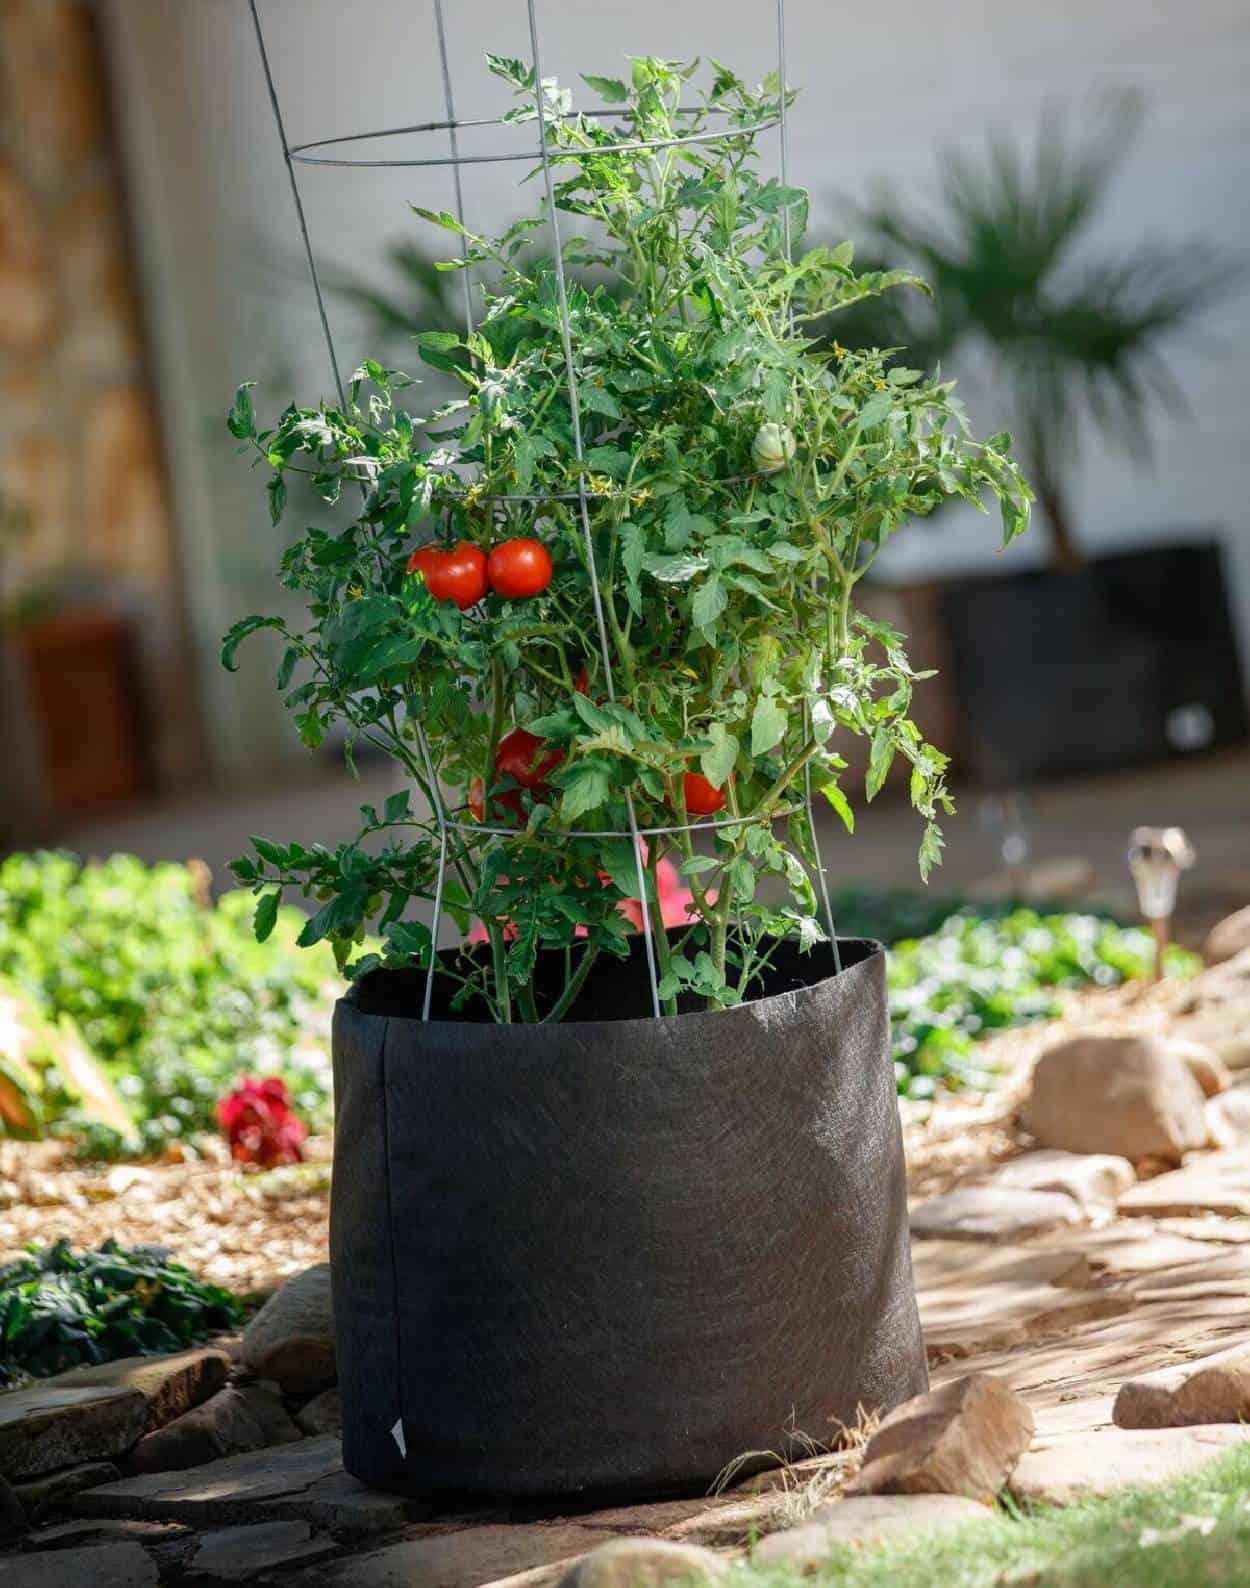 Come Coltivare Pomodori Sul Balcone vasi in tessuto per l'orto sul balcone